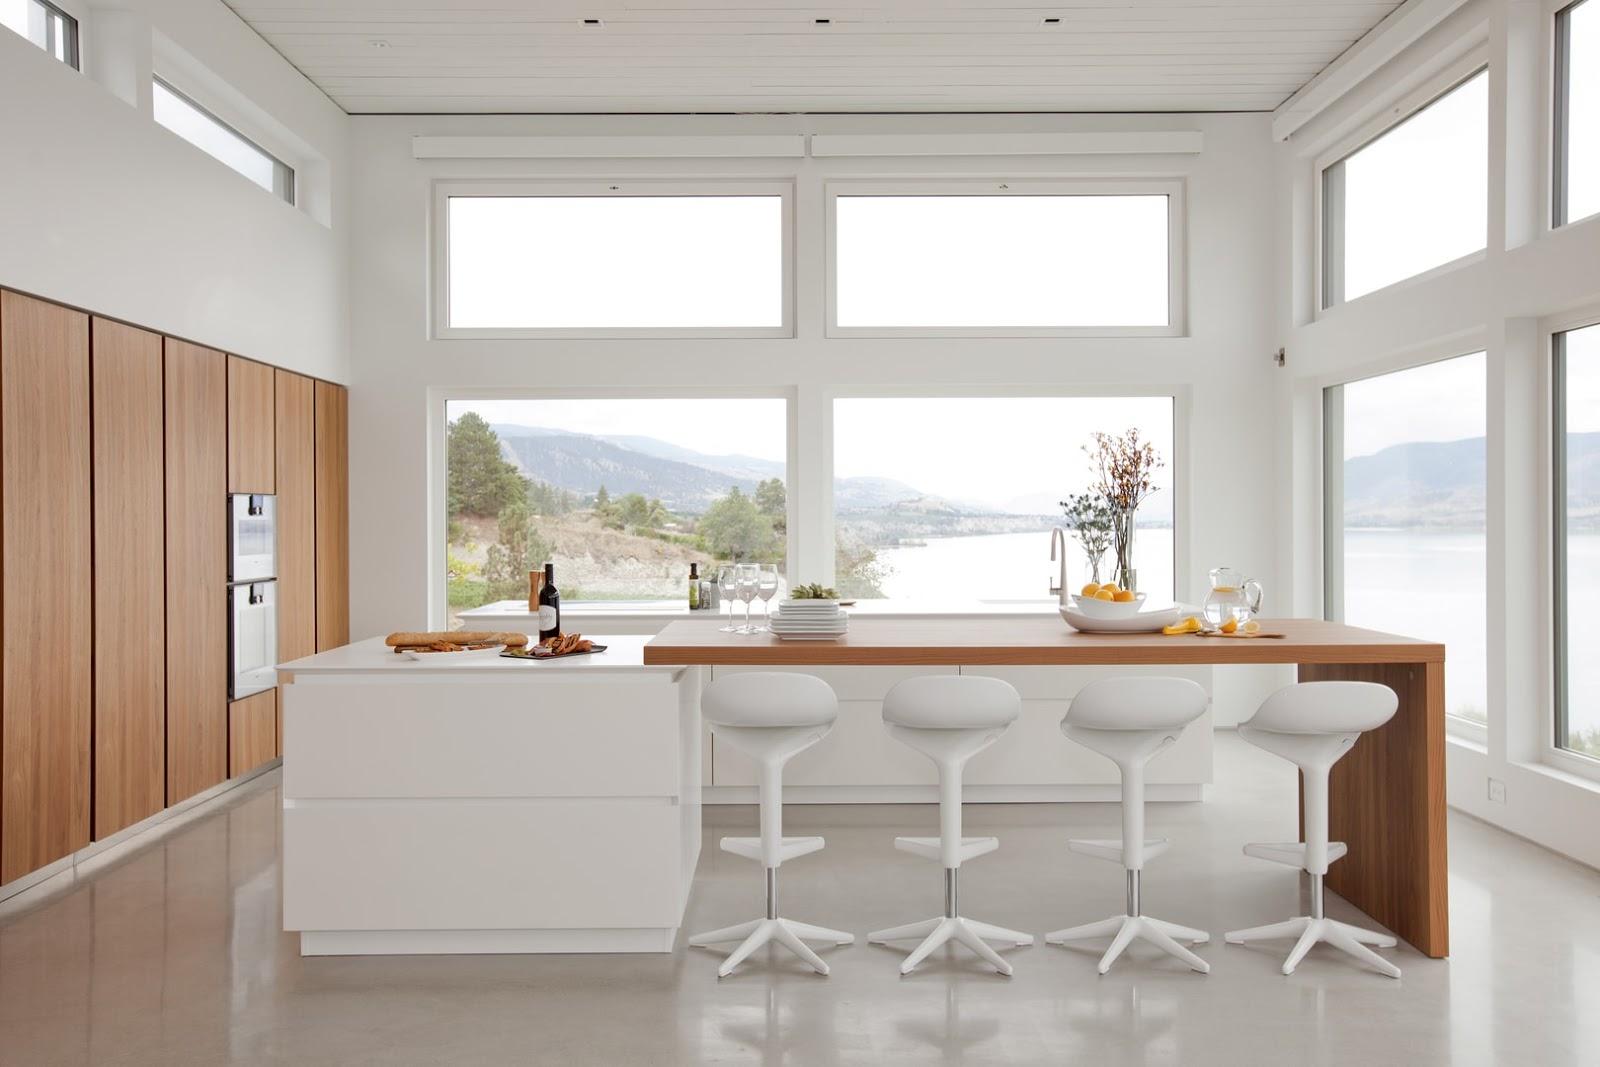 Muebles de cocina sin tiradores: una decisión personal - Cocinas con ...